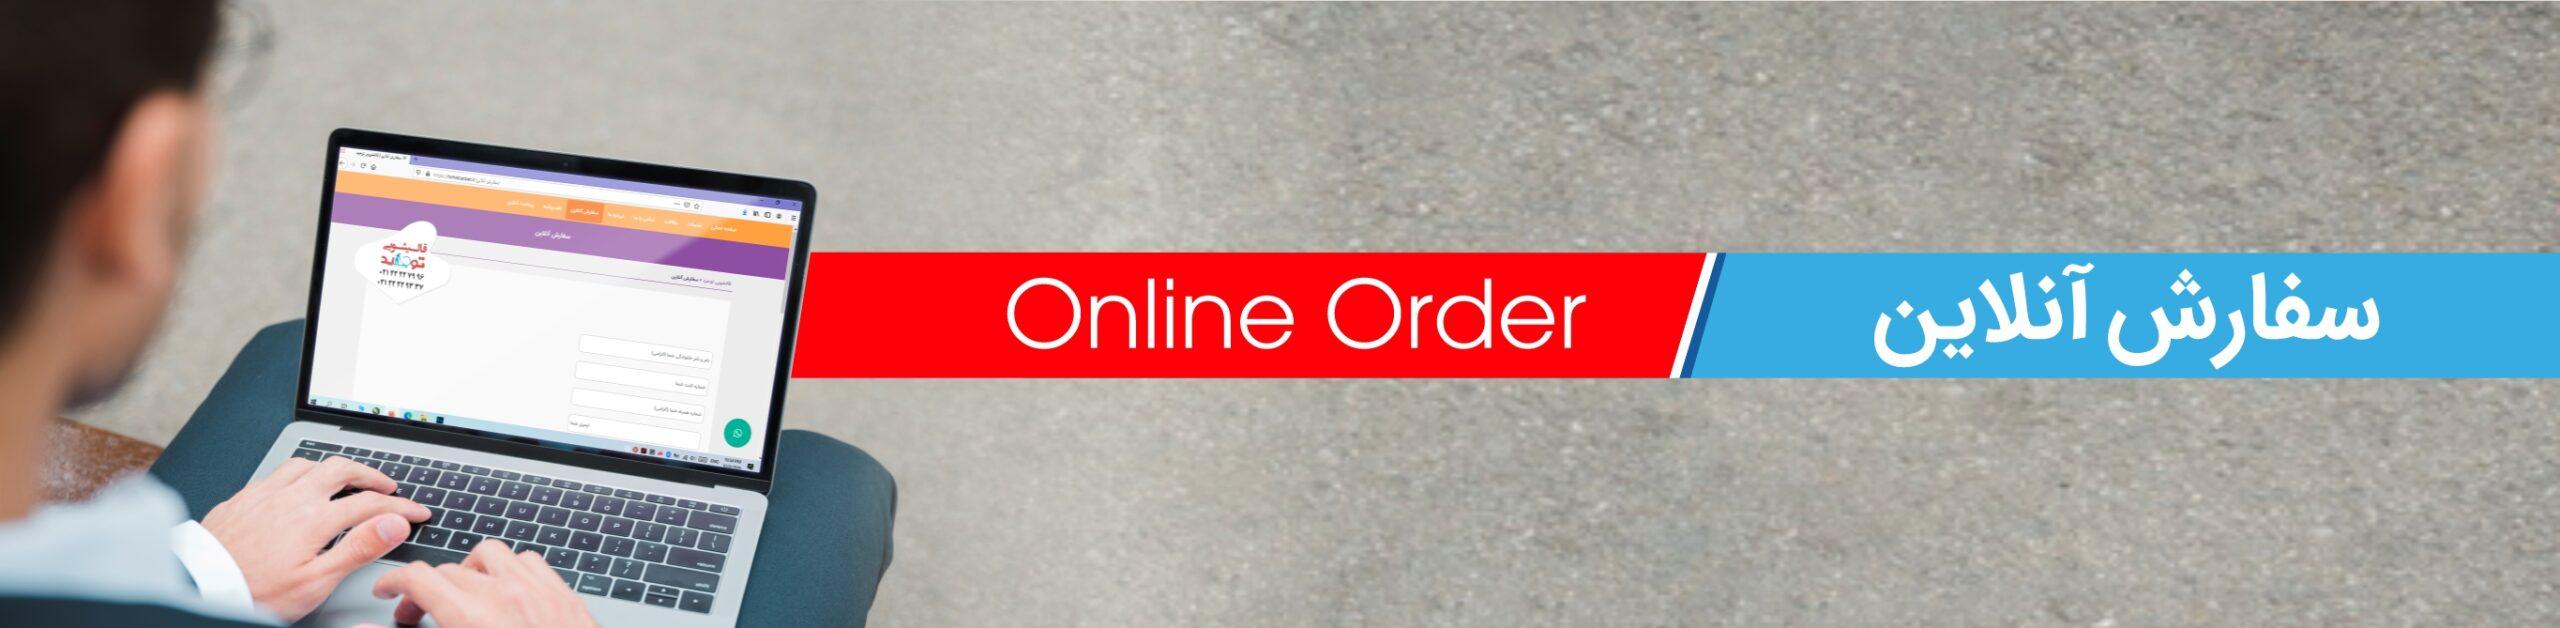 سفارش آنلاین قالیشویی